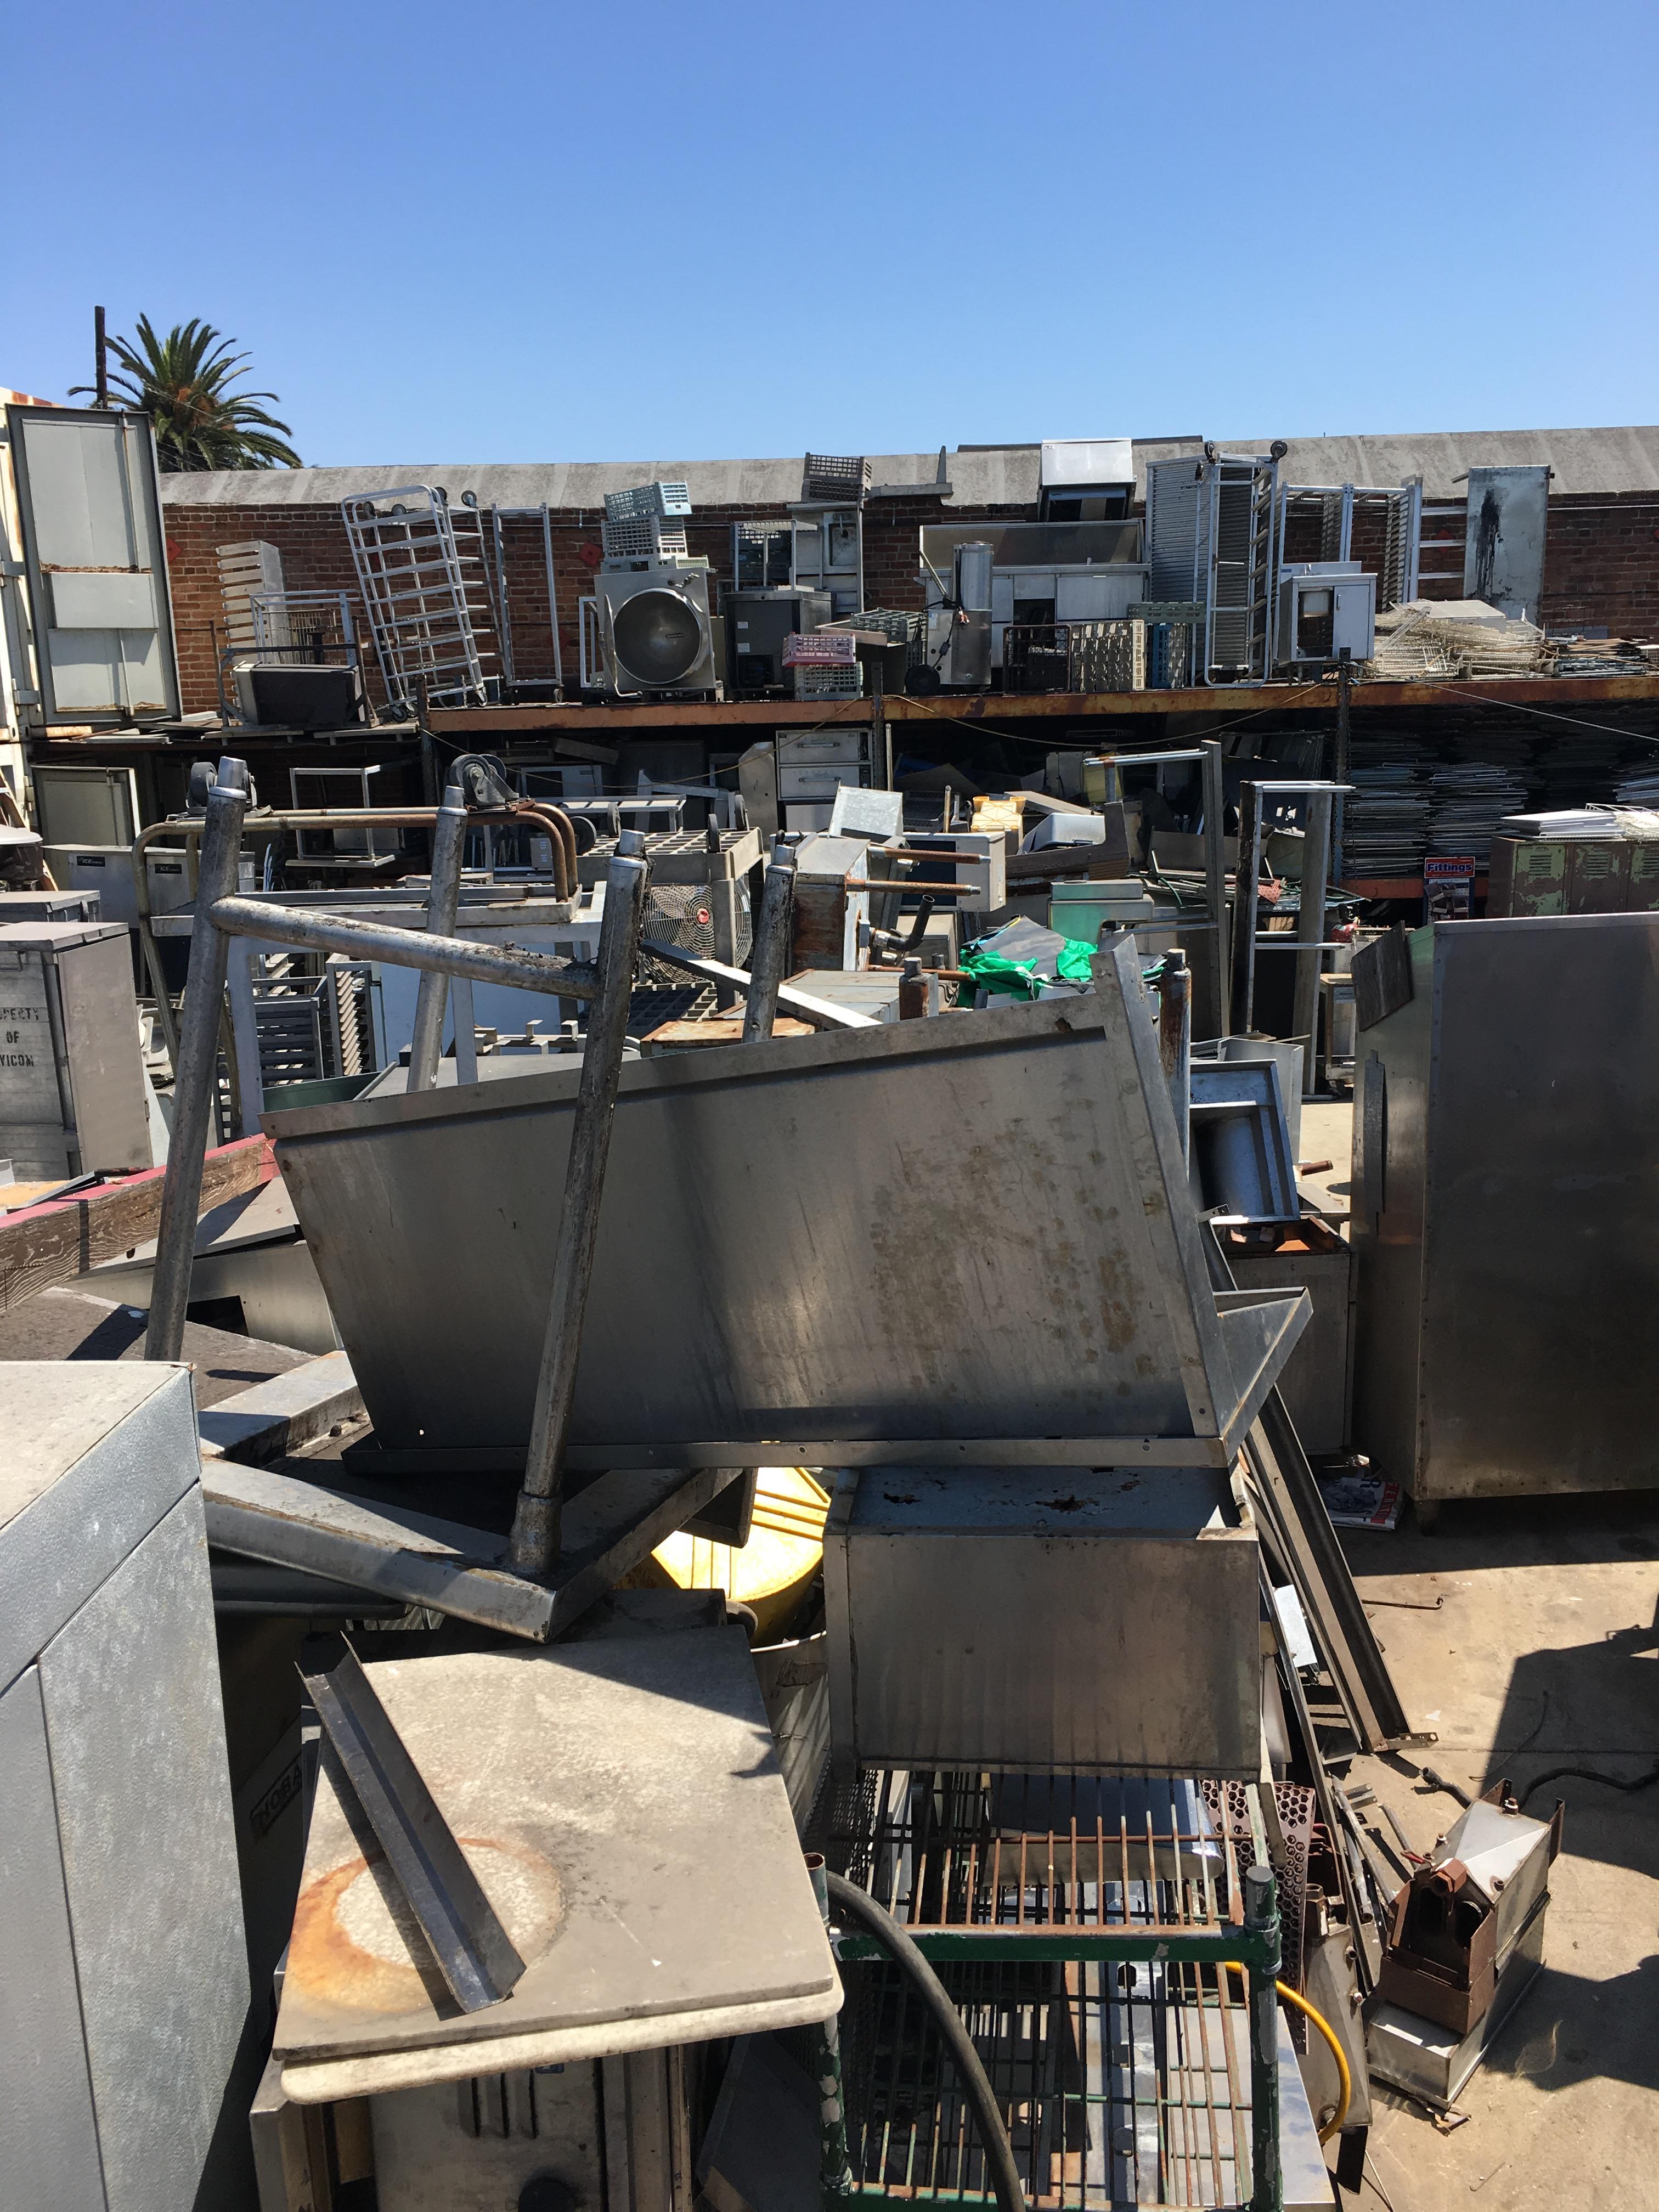 restaurant-equipment-15040826993.jpg